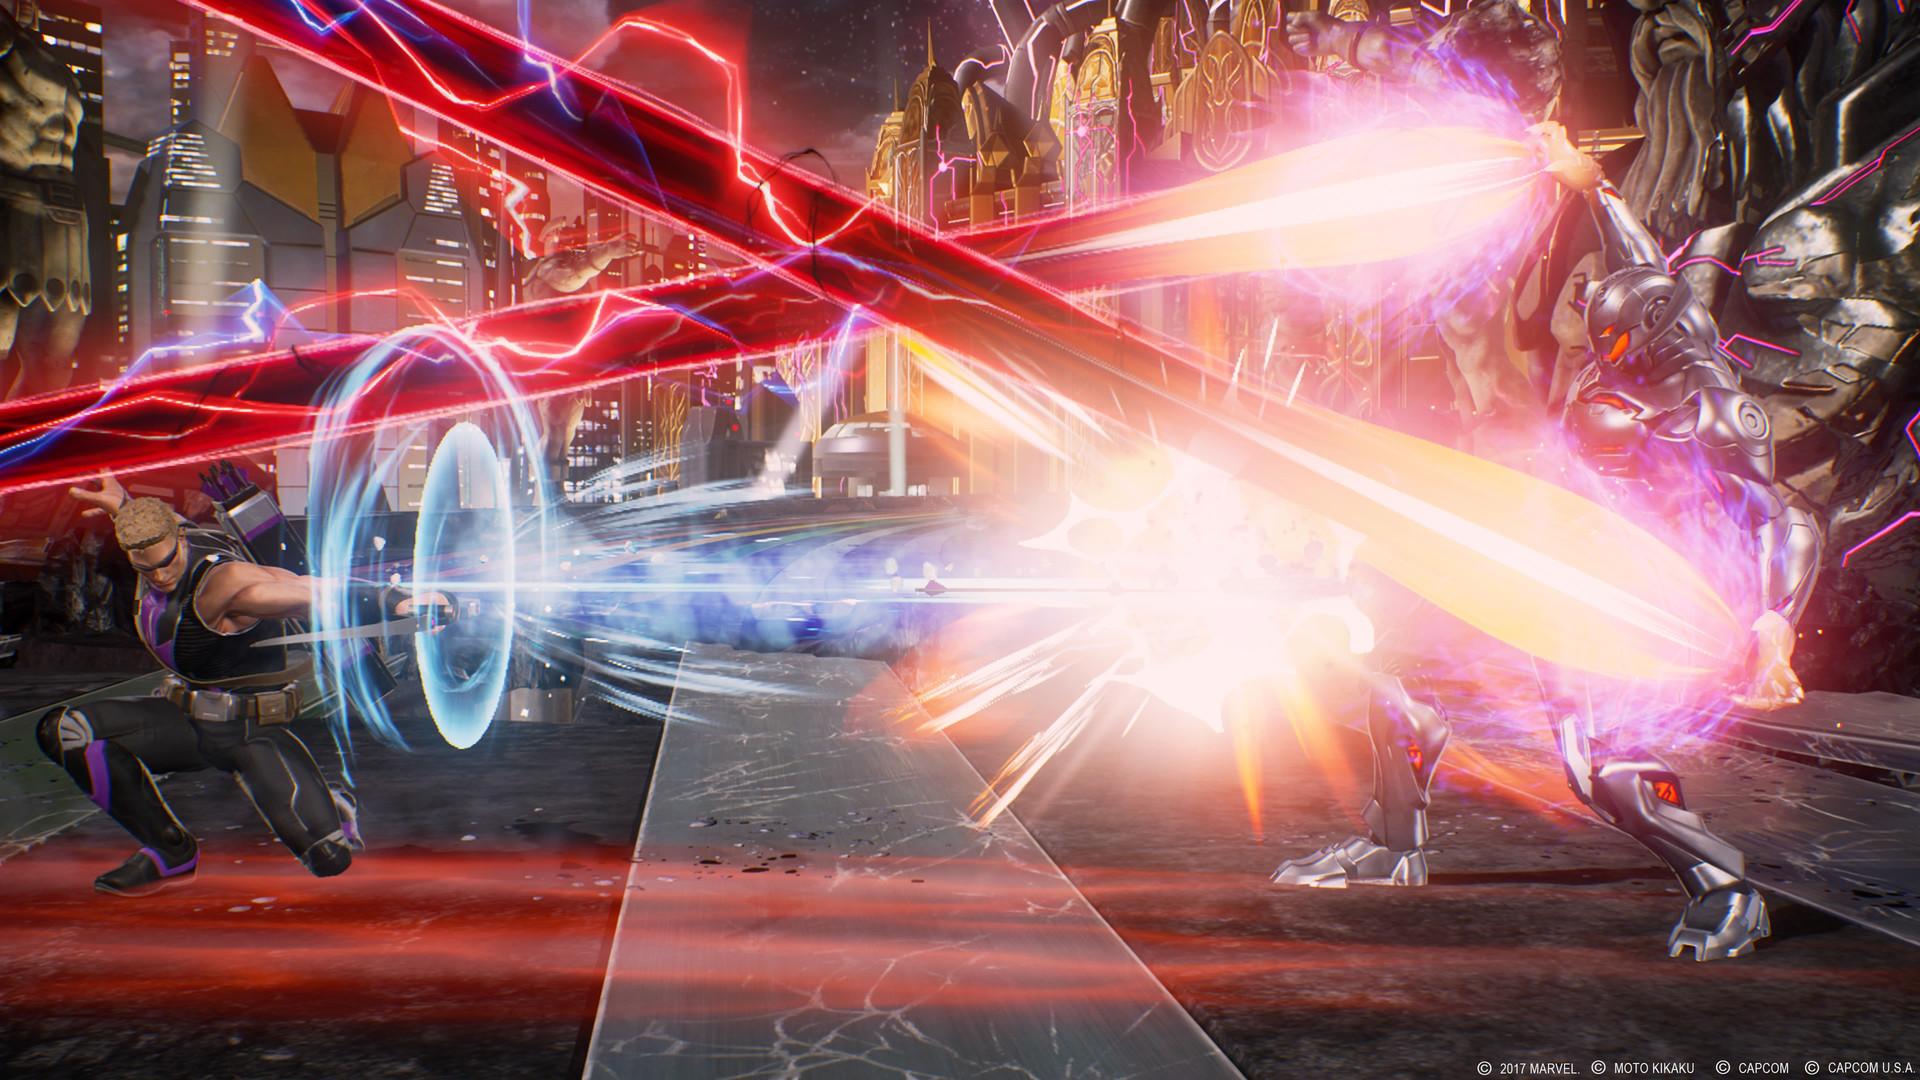 漫画英雄VS卡普空:无限/Marvel vs. Capcom Infinite插图3